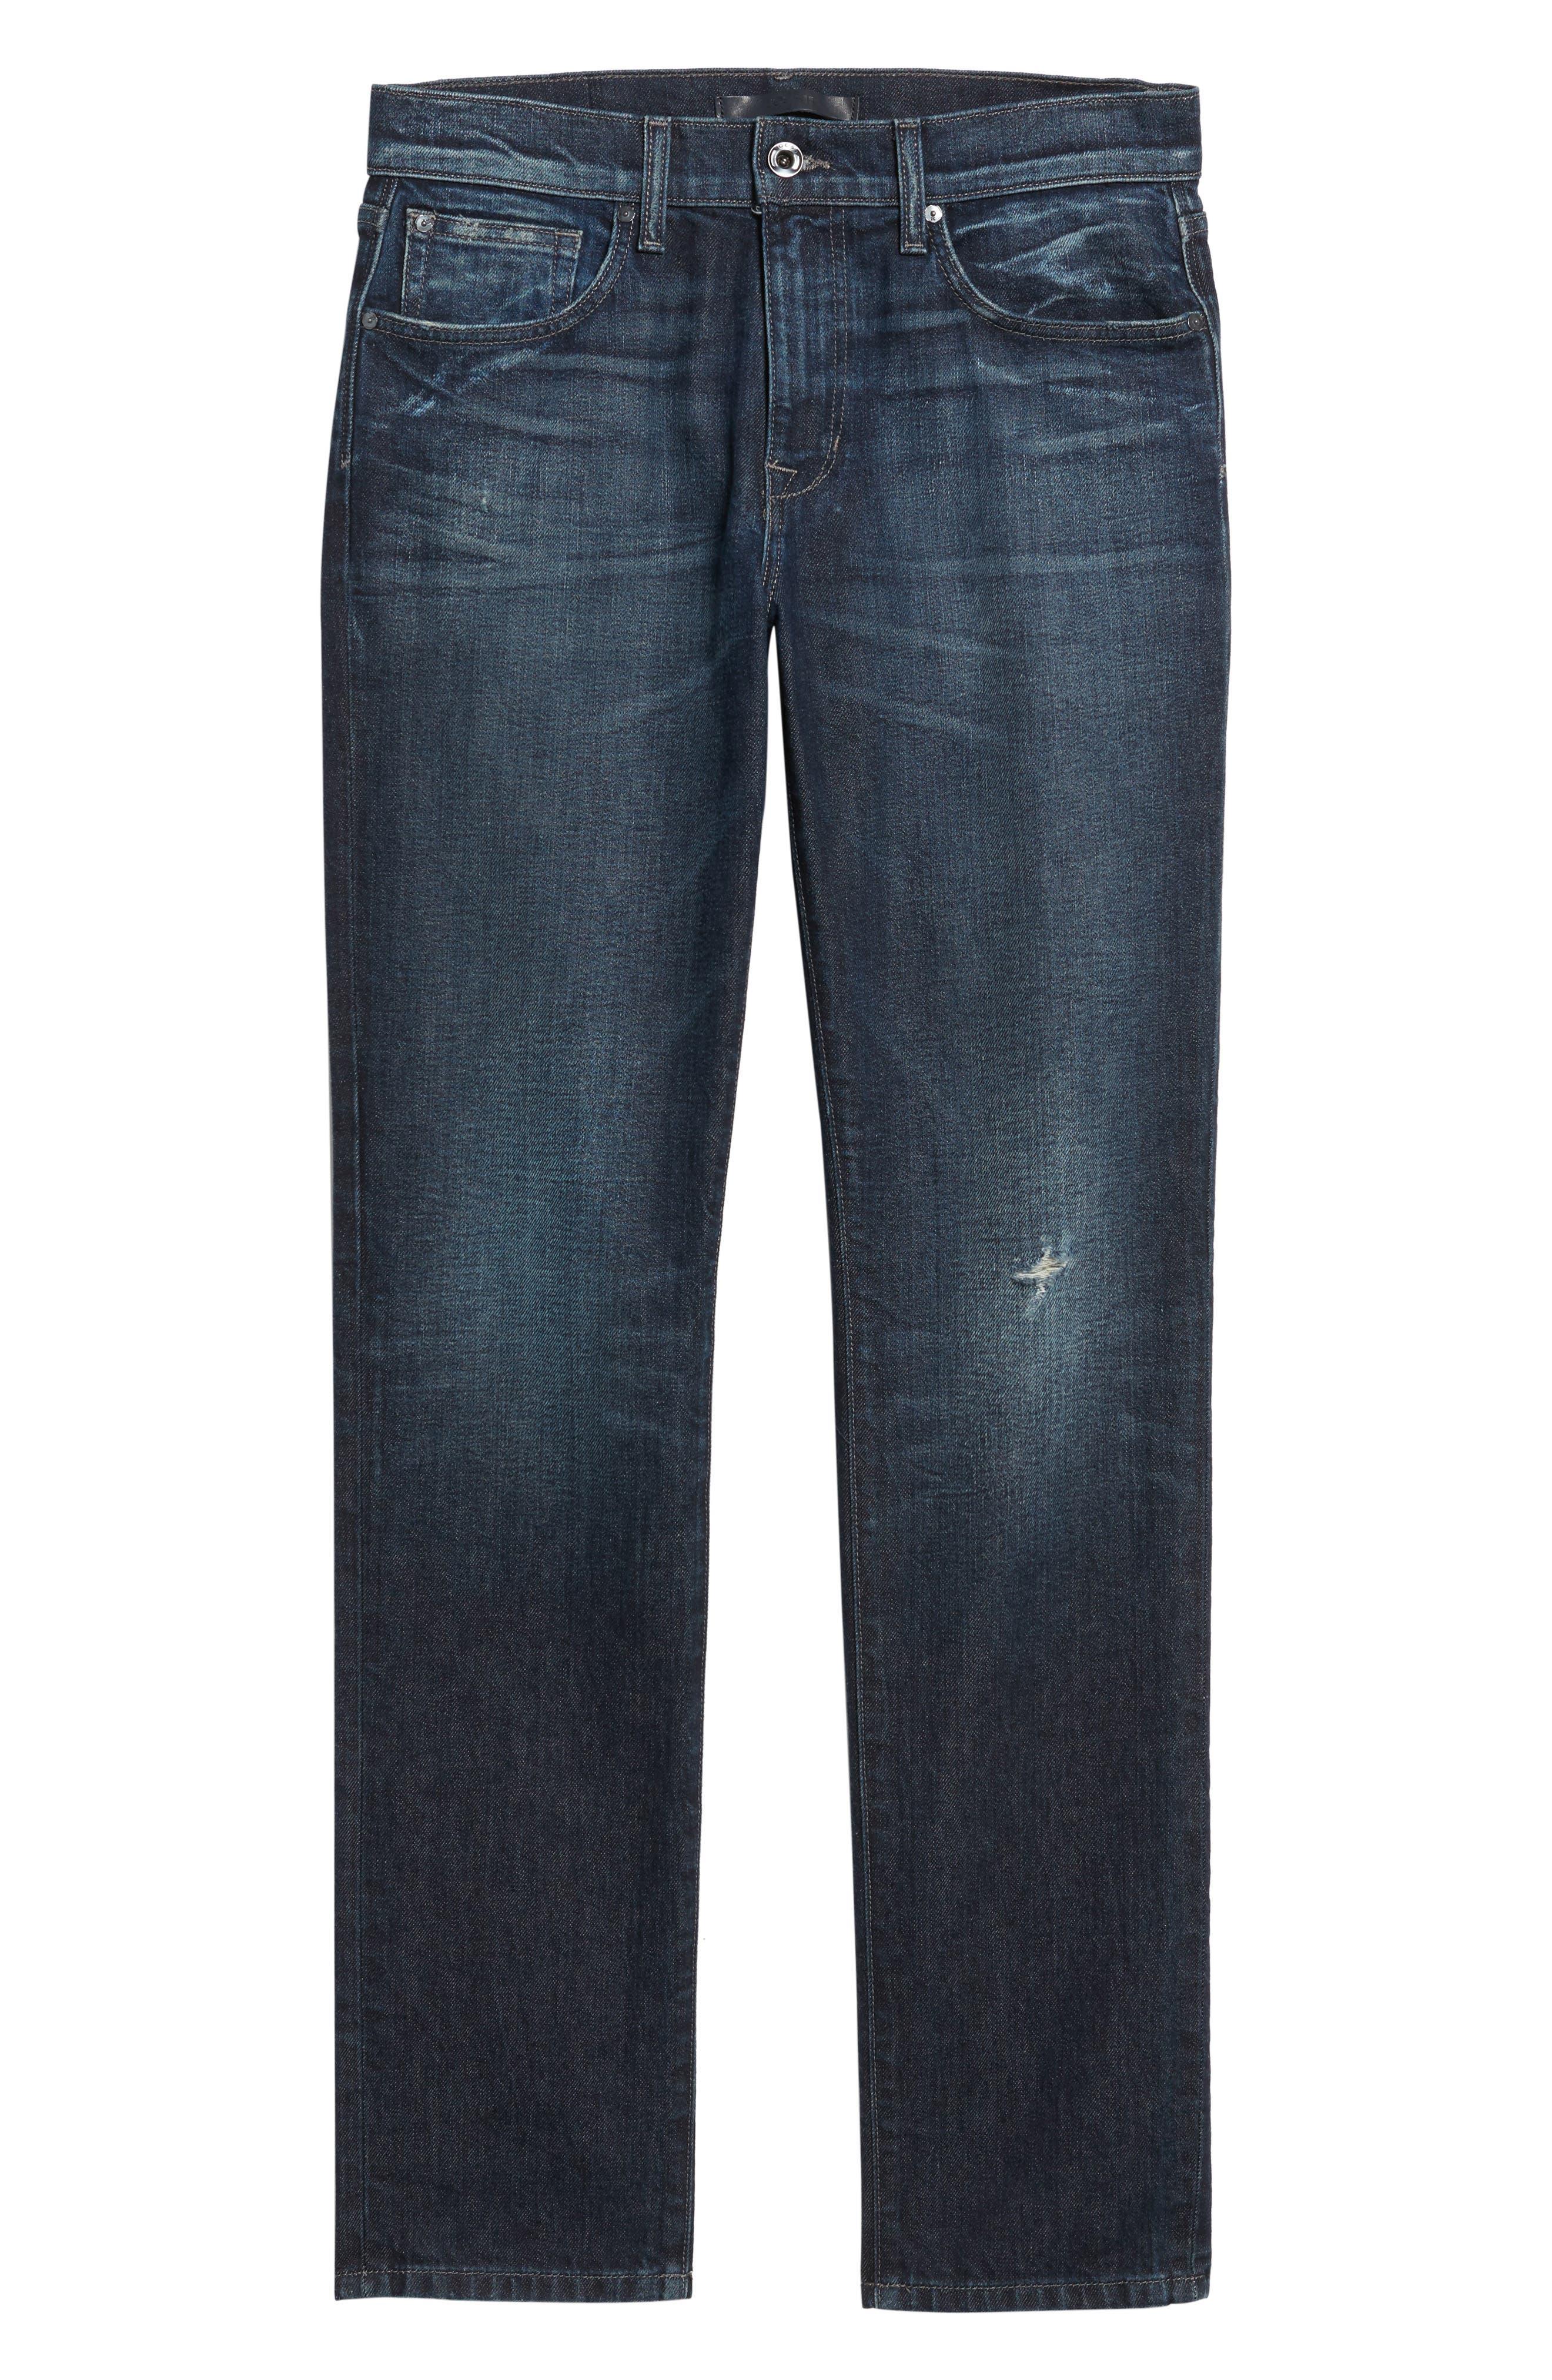 JOE'S,                             Brixton Slim Straight Leg Jeans,                             Alternate thumbnail 6, color,                             415